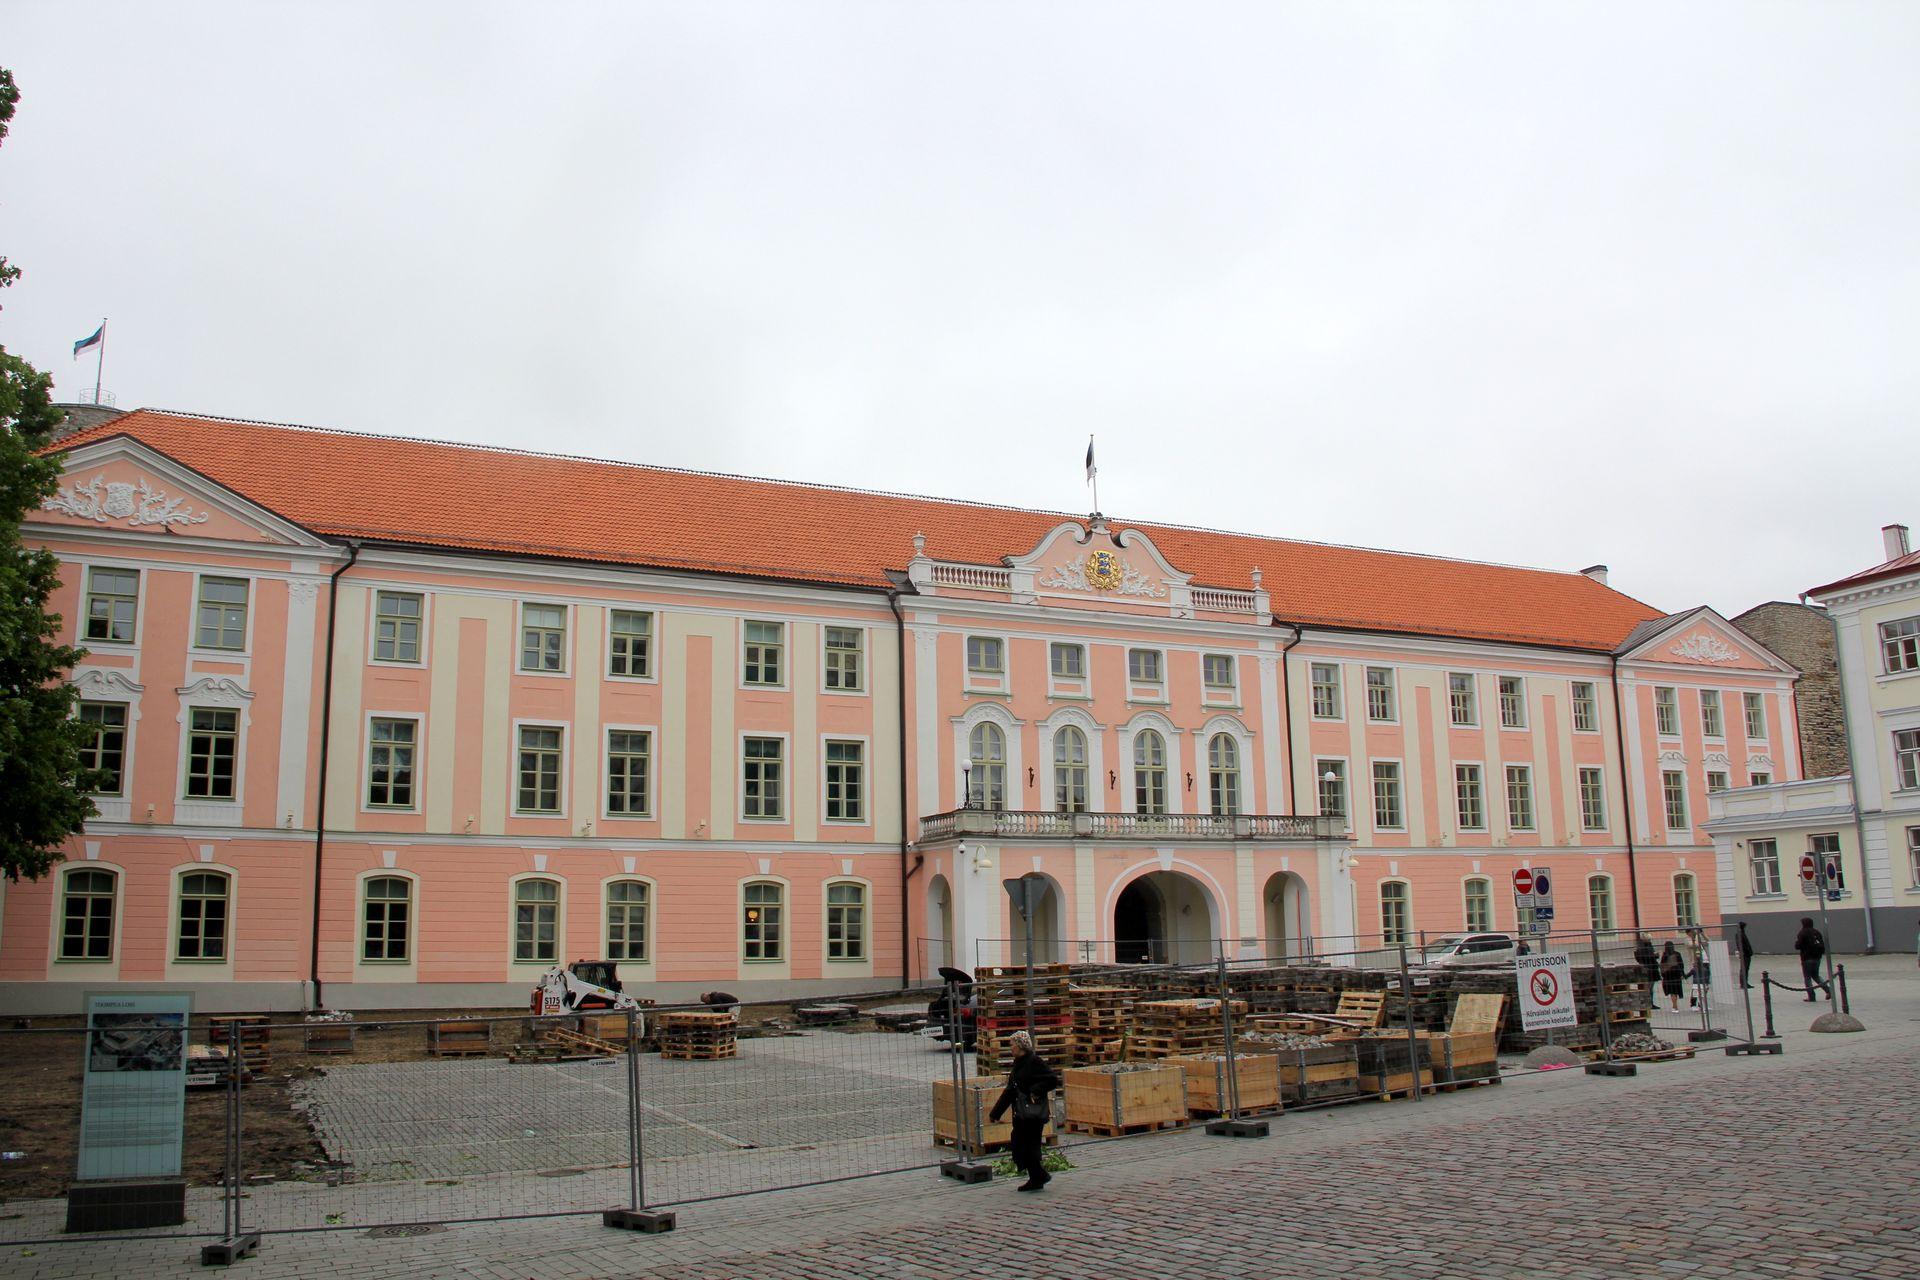 The Parliament of Estonia